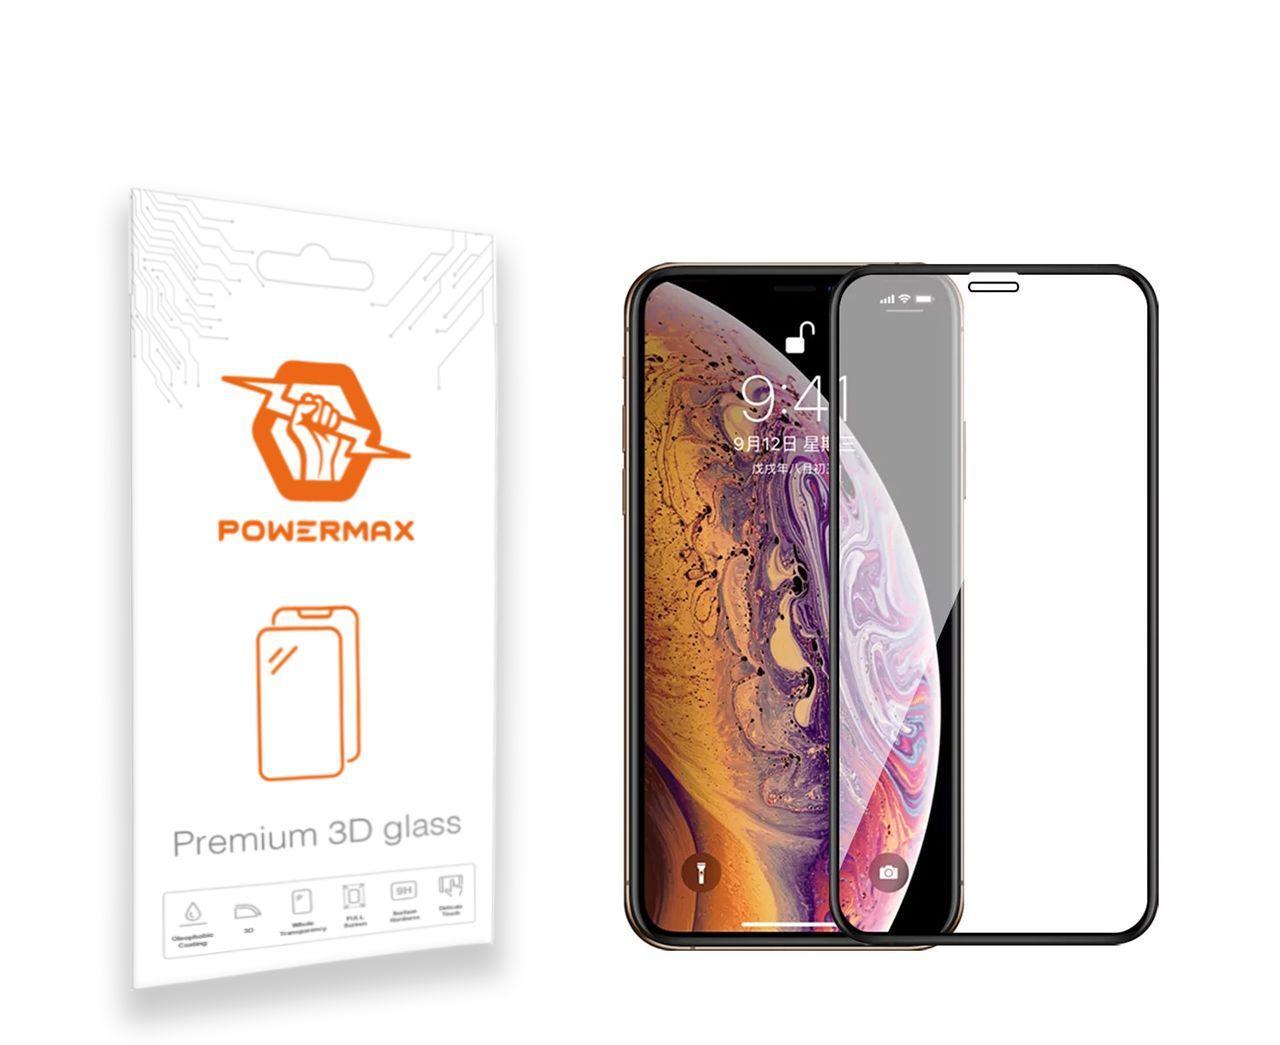 Захисне скло Powermax 3D Premium Apple iPhone X, iPhone XS, iPhone 11 Pro Black (PWRMX3DIPHXB)